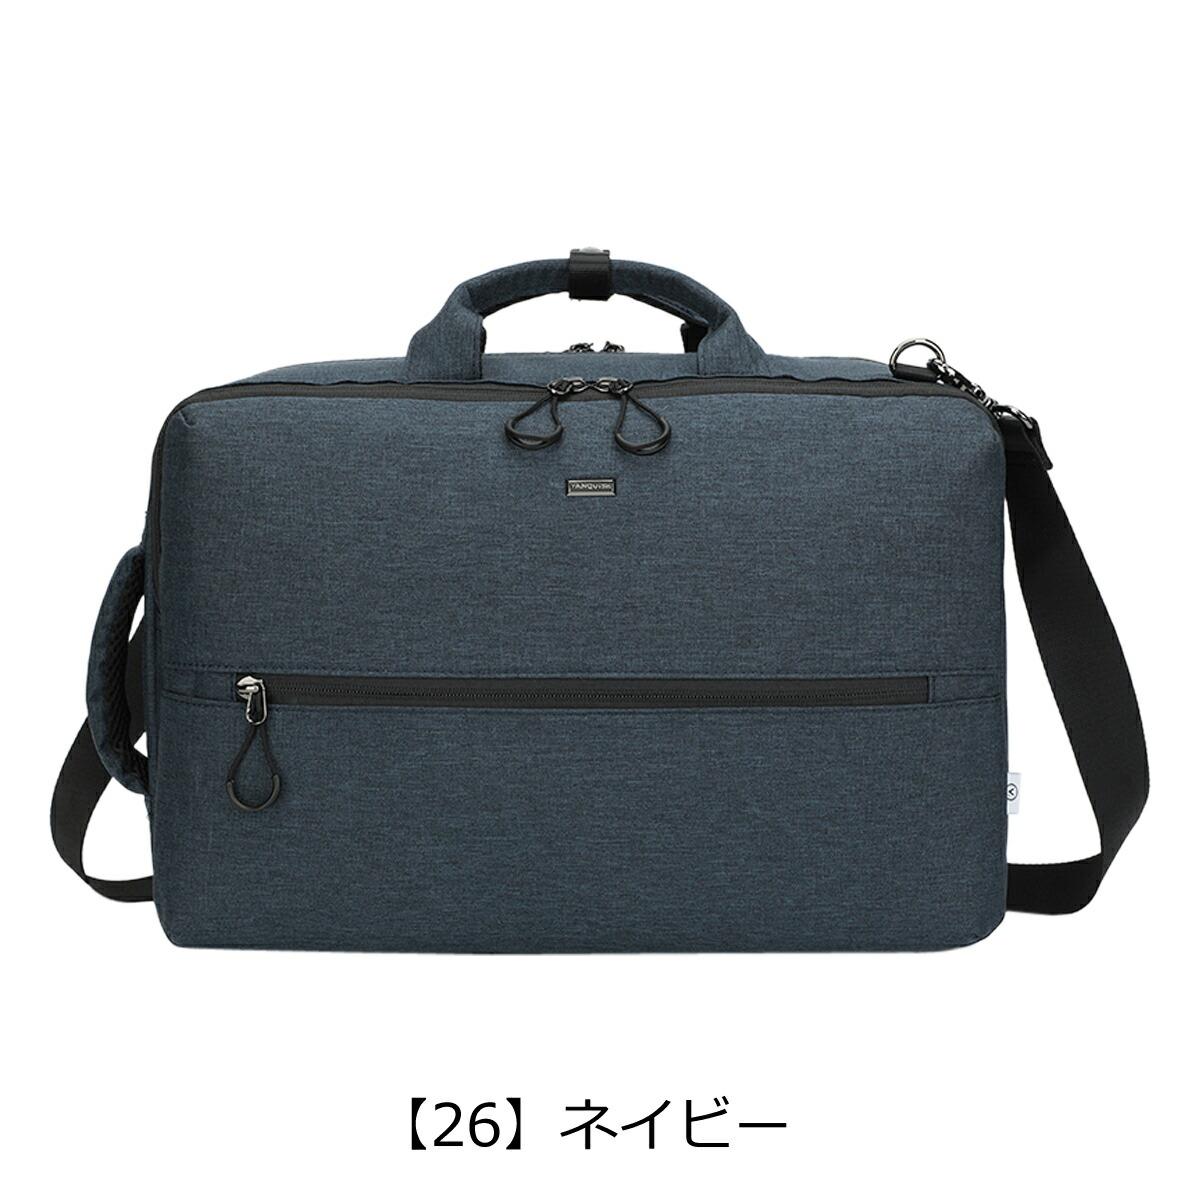 【26】ネイビー